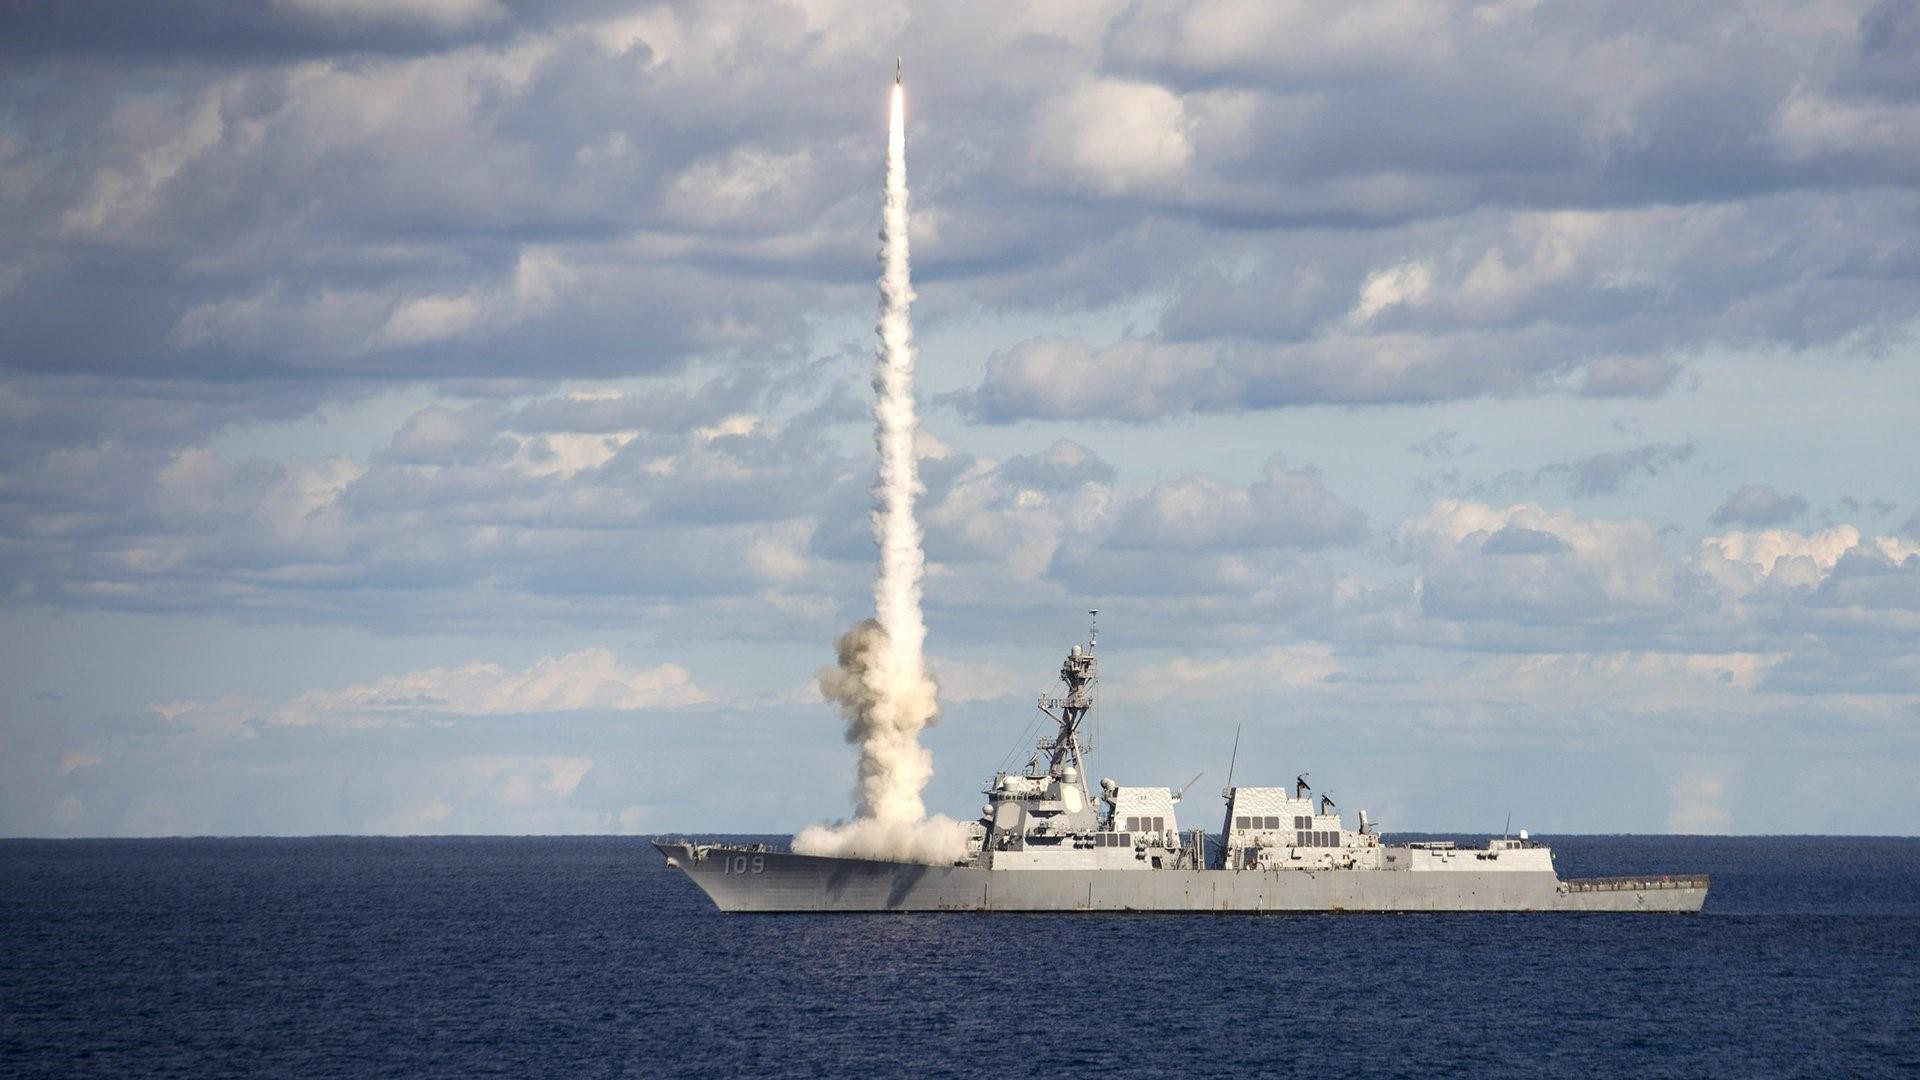 Запуск ракеты с «Томаса Хаднера»